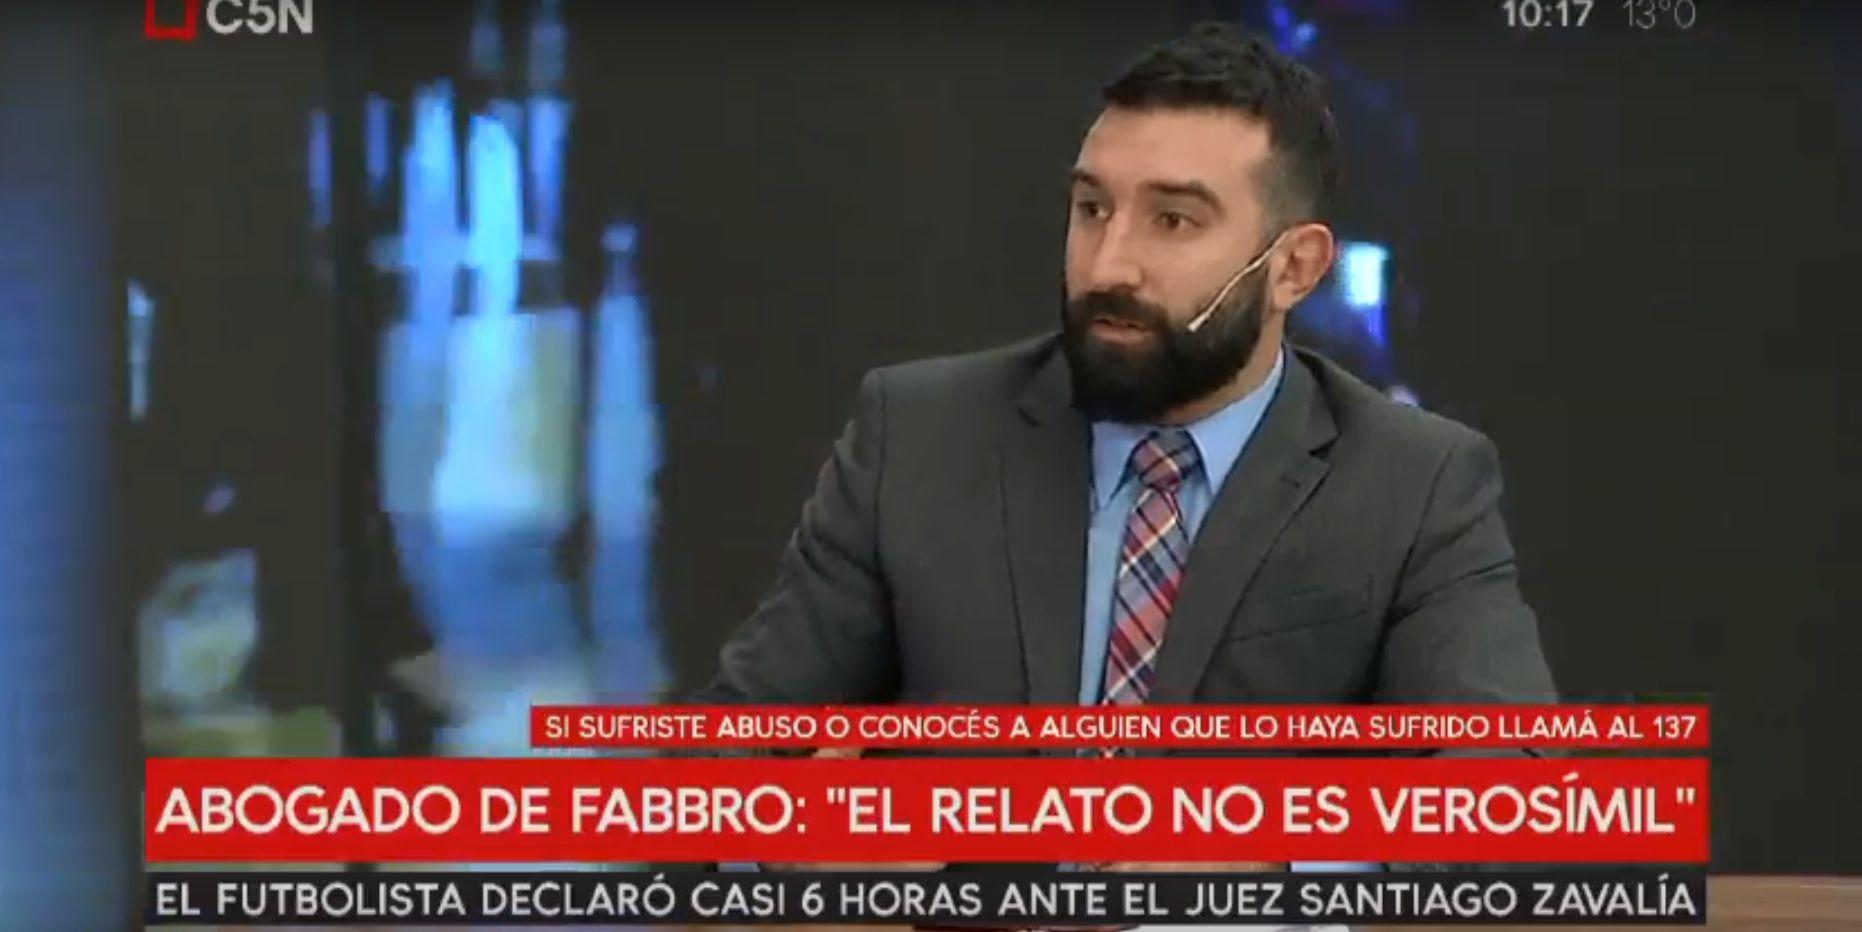 Habló el abogado de Fabbro: La menor miente, él es inocente